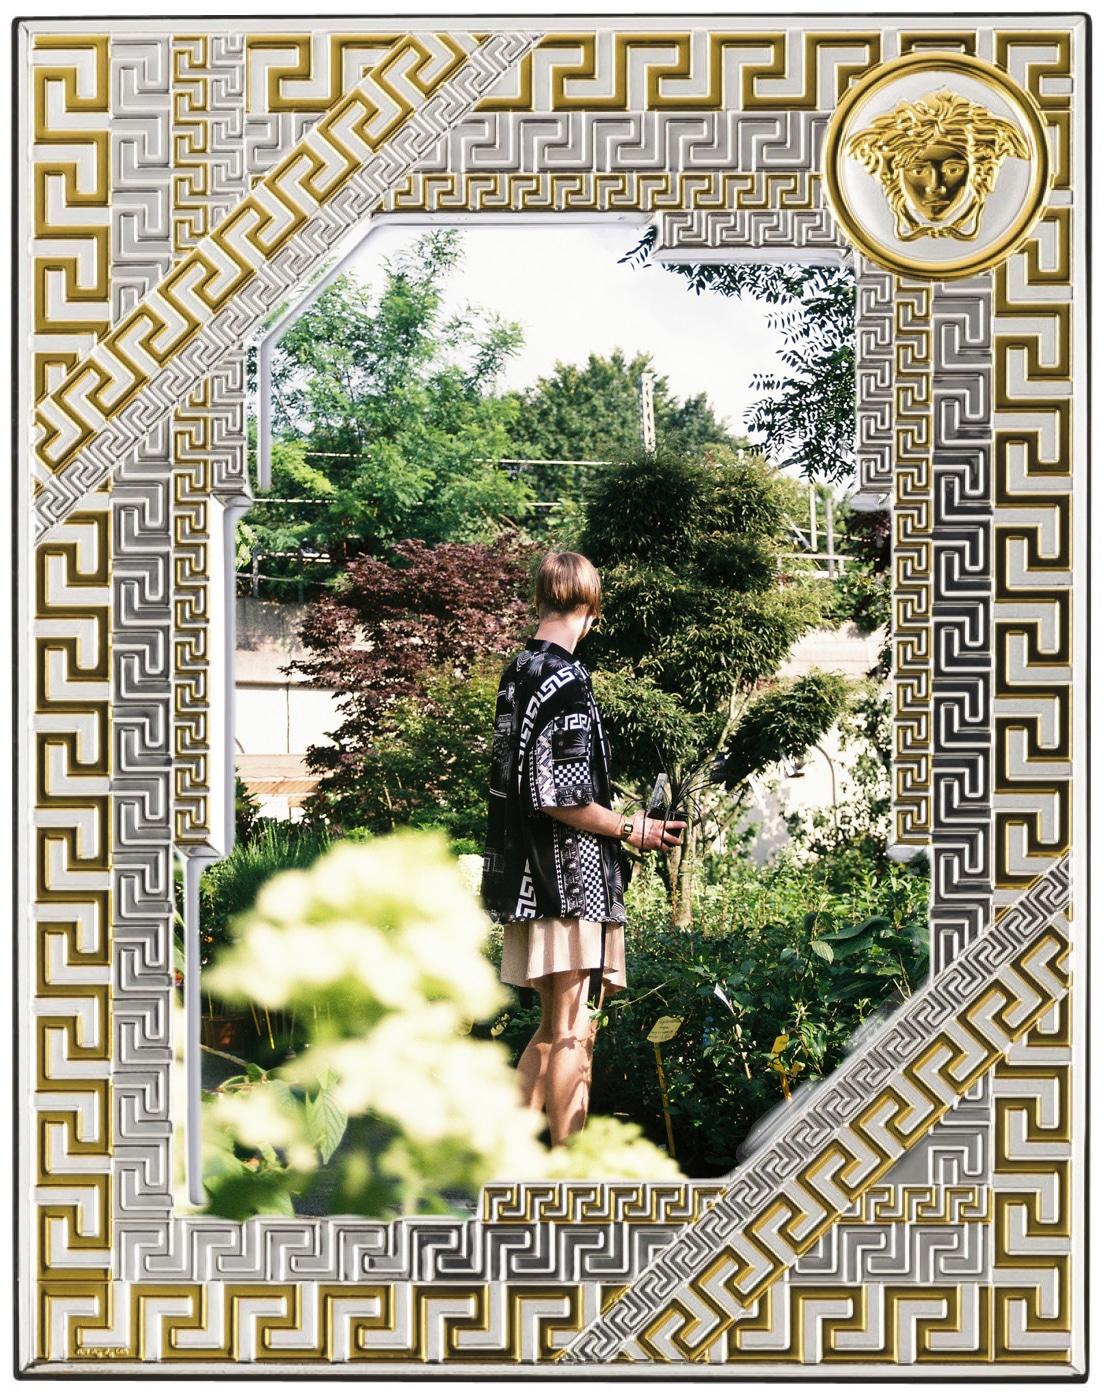 versace-versace-frames-vhf1-gold-bilderrahmen-13-x-18-cm_21400x1400-centennr 18